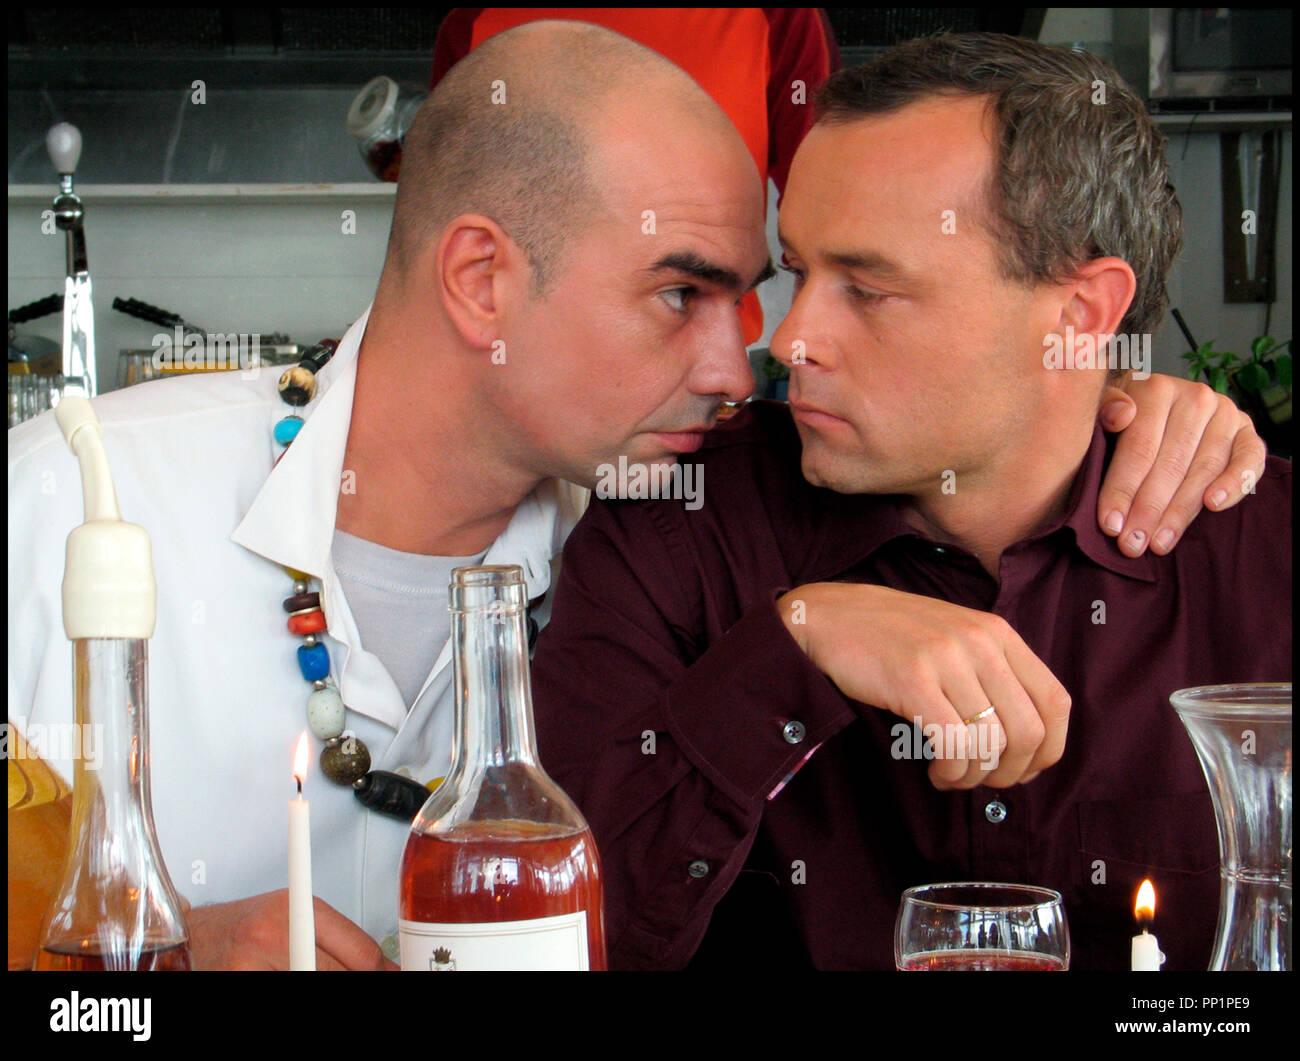 Prod DB © Spaghetti Film - Living Films / DR SIMON (SIMON) de Eddy Terstall 2004 HOLL. avec Cees Geel et Marcel Hensema crane rase, chercher la bagarre, dispute, bouteille de vin, bougie, couple homosexuel Stock Photo